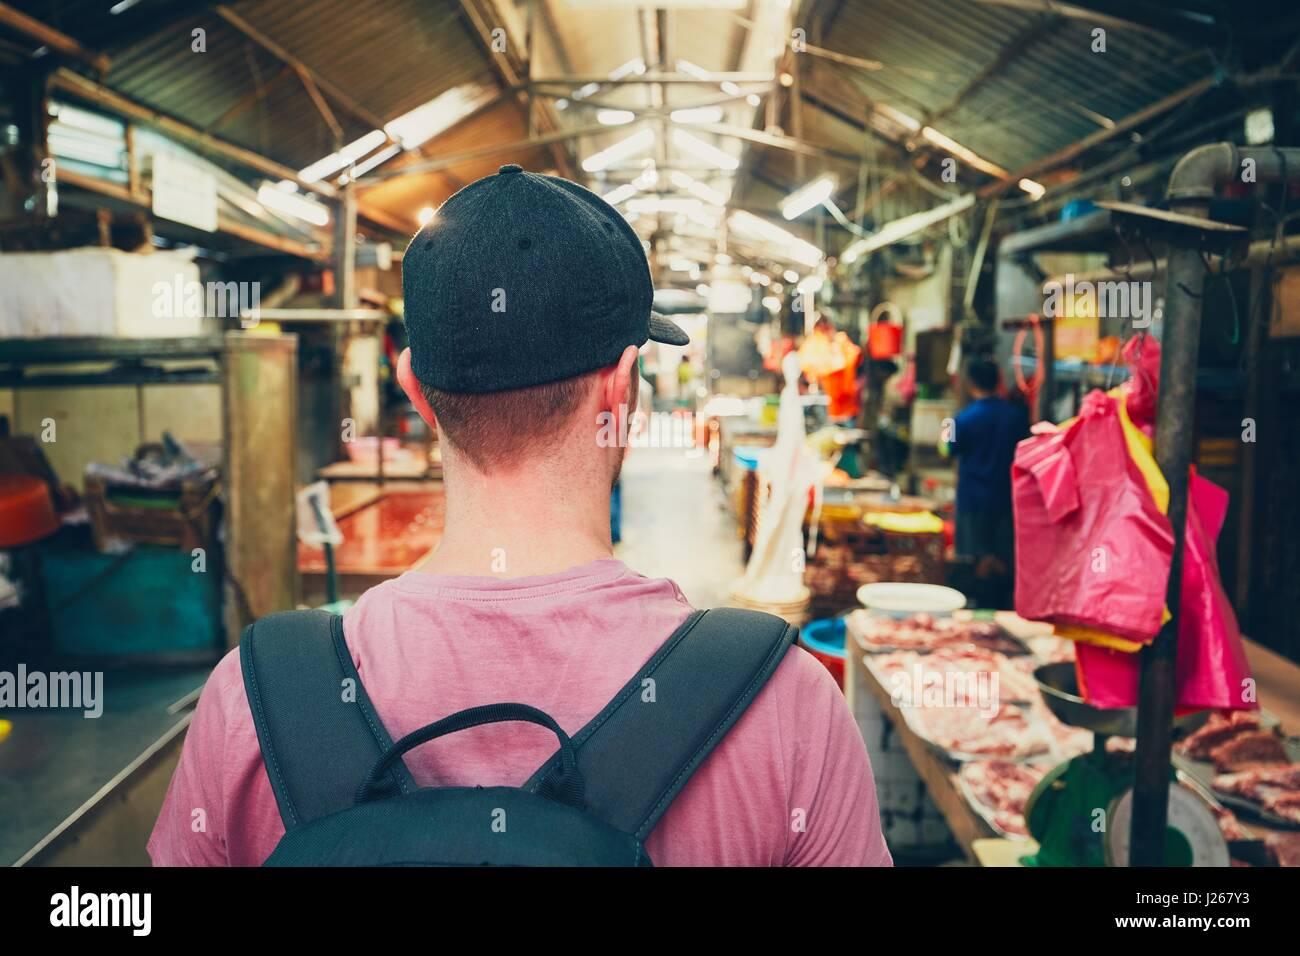 Jeune voyageur avec sac à dos en marchés alimentaires de Chinatown - Kuala Lumpur, Malaisie Photo Stock